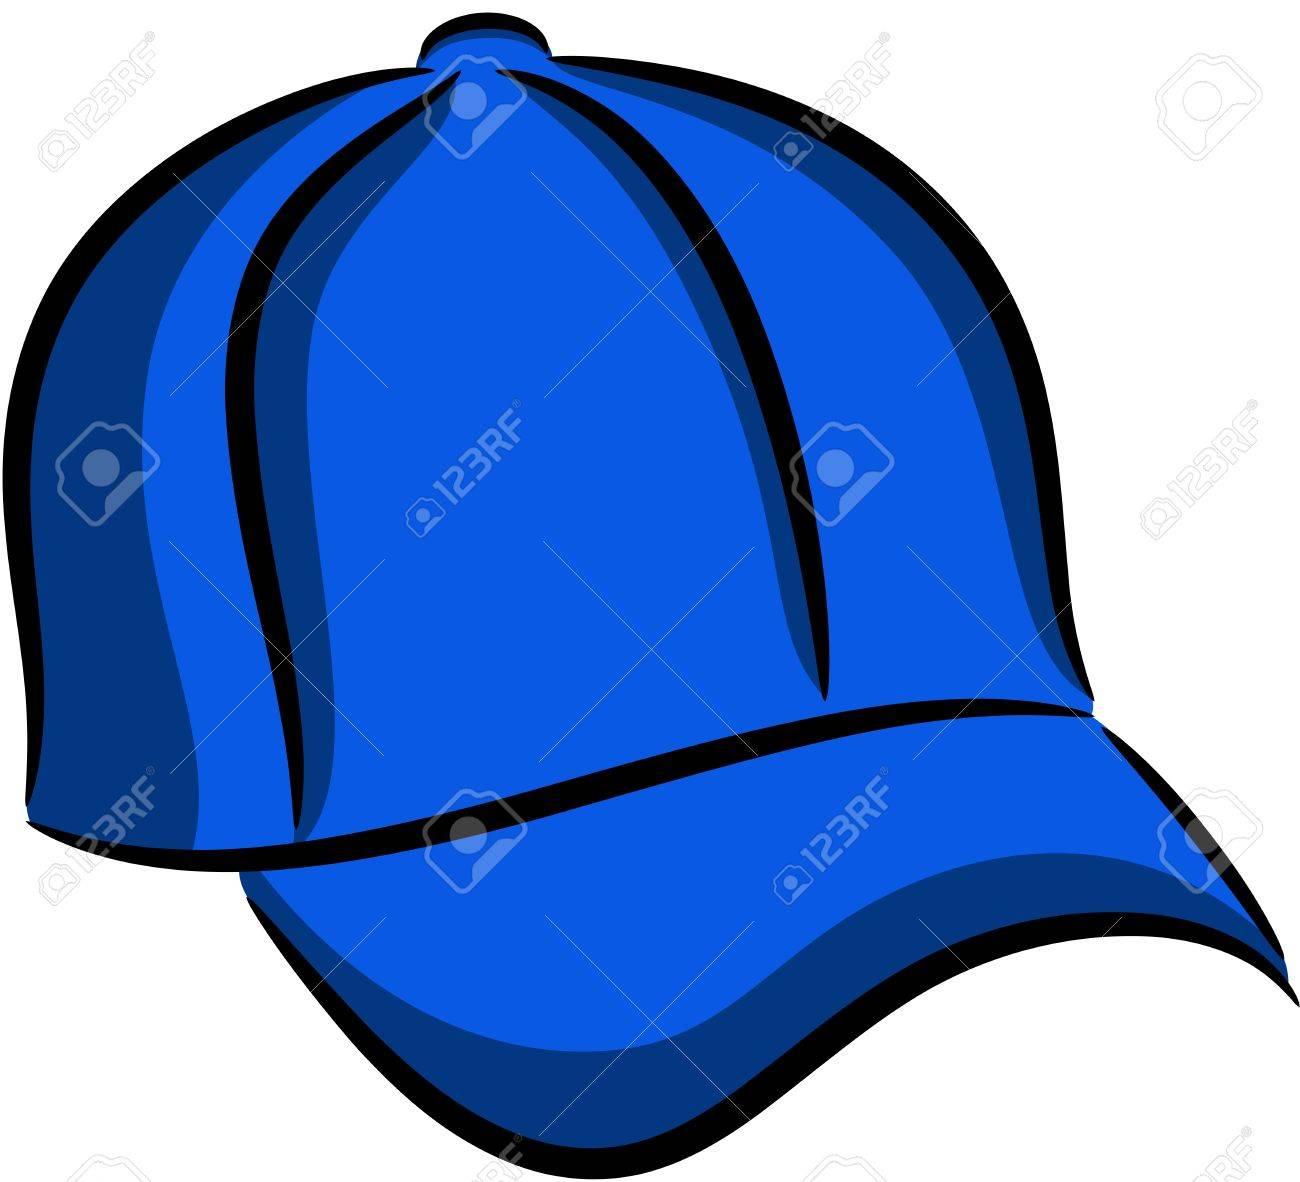 青い野球帽分離のイラストのイラスト素材ベクタ Image 13827935